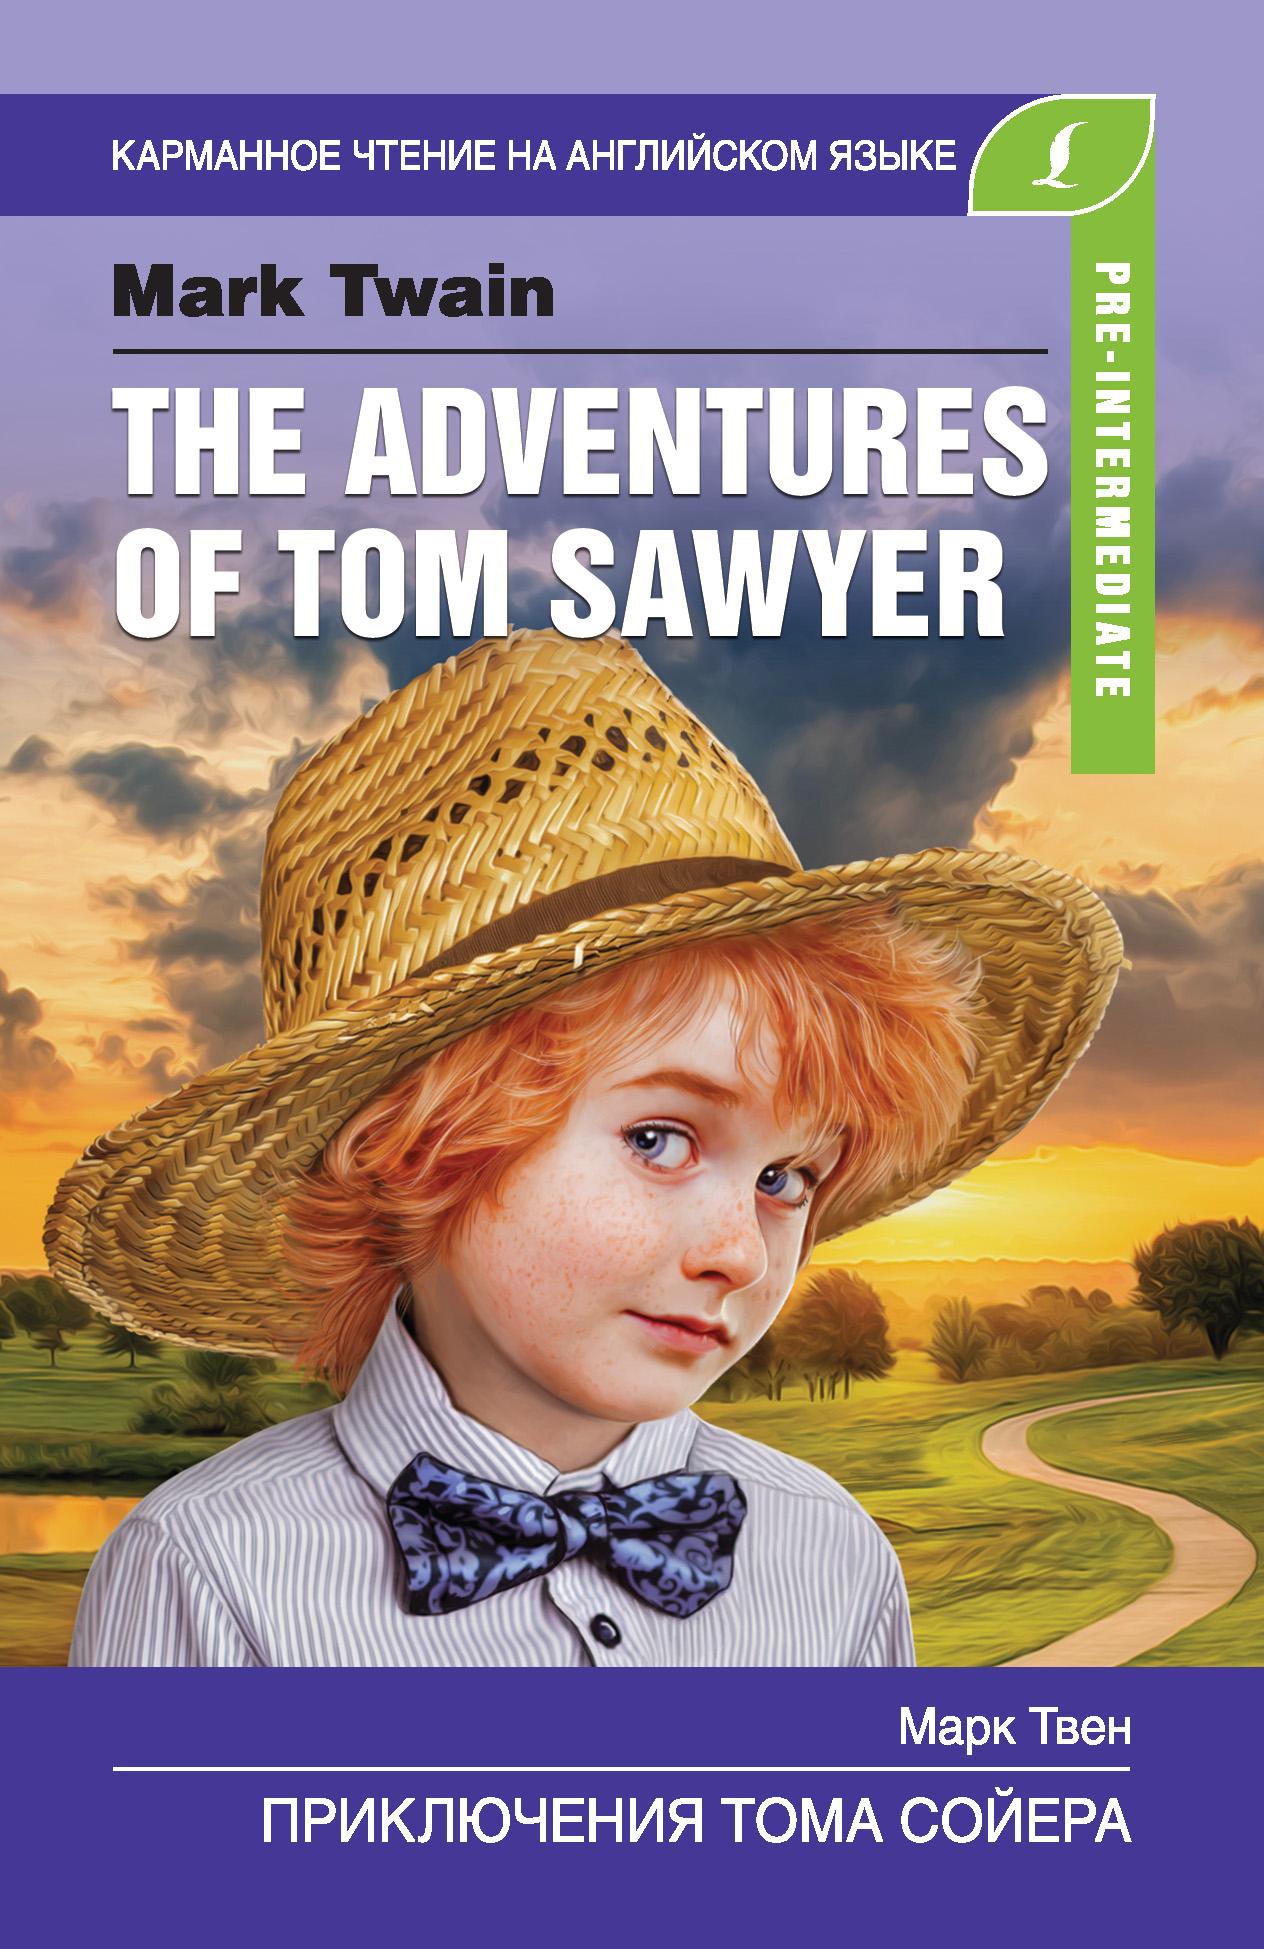 priklyucheniya toma soyera the adventures of tom sawyer